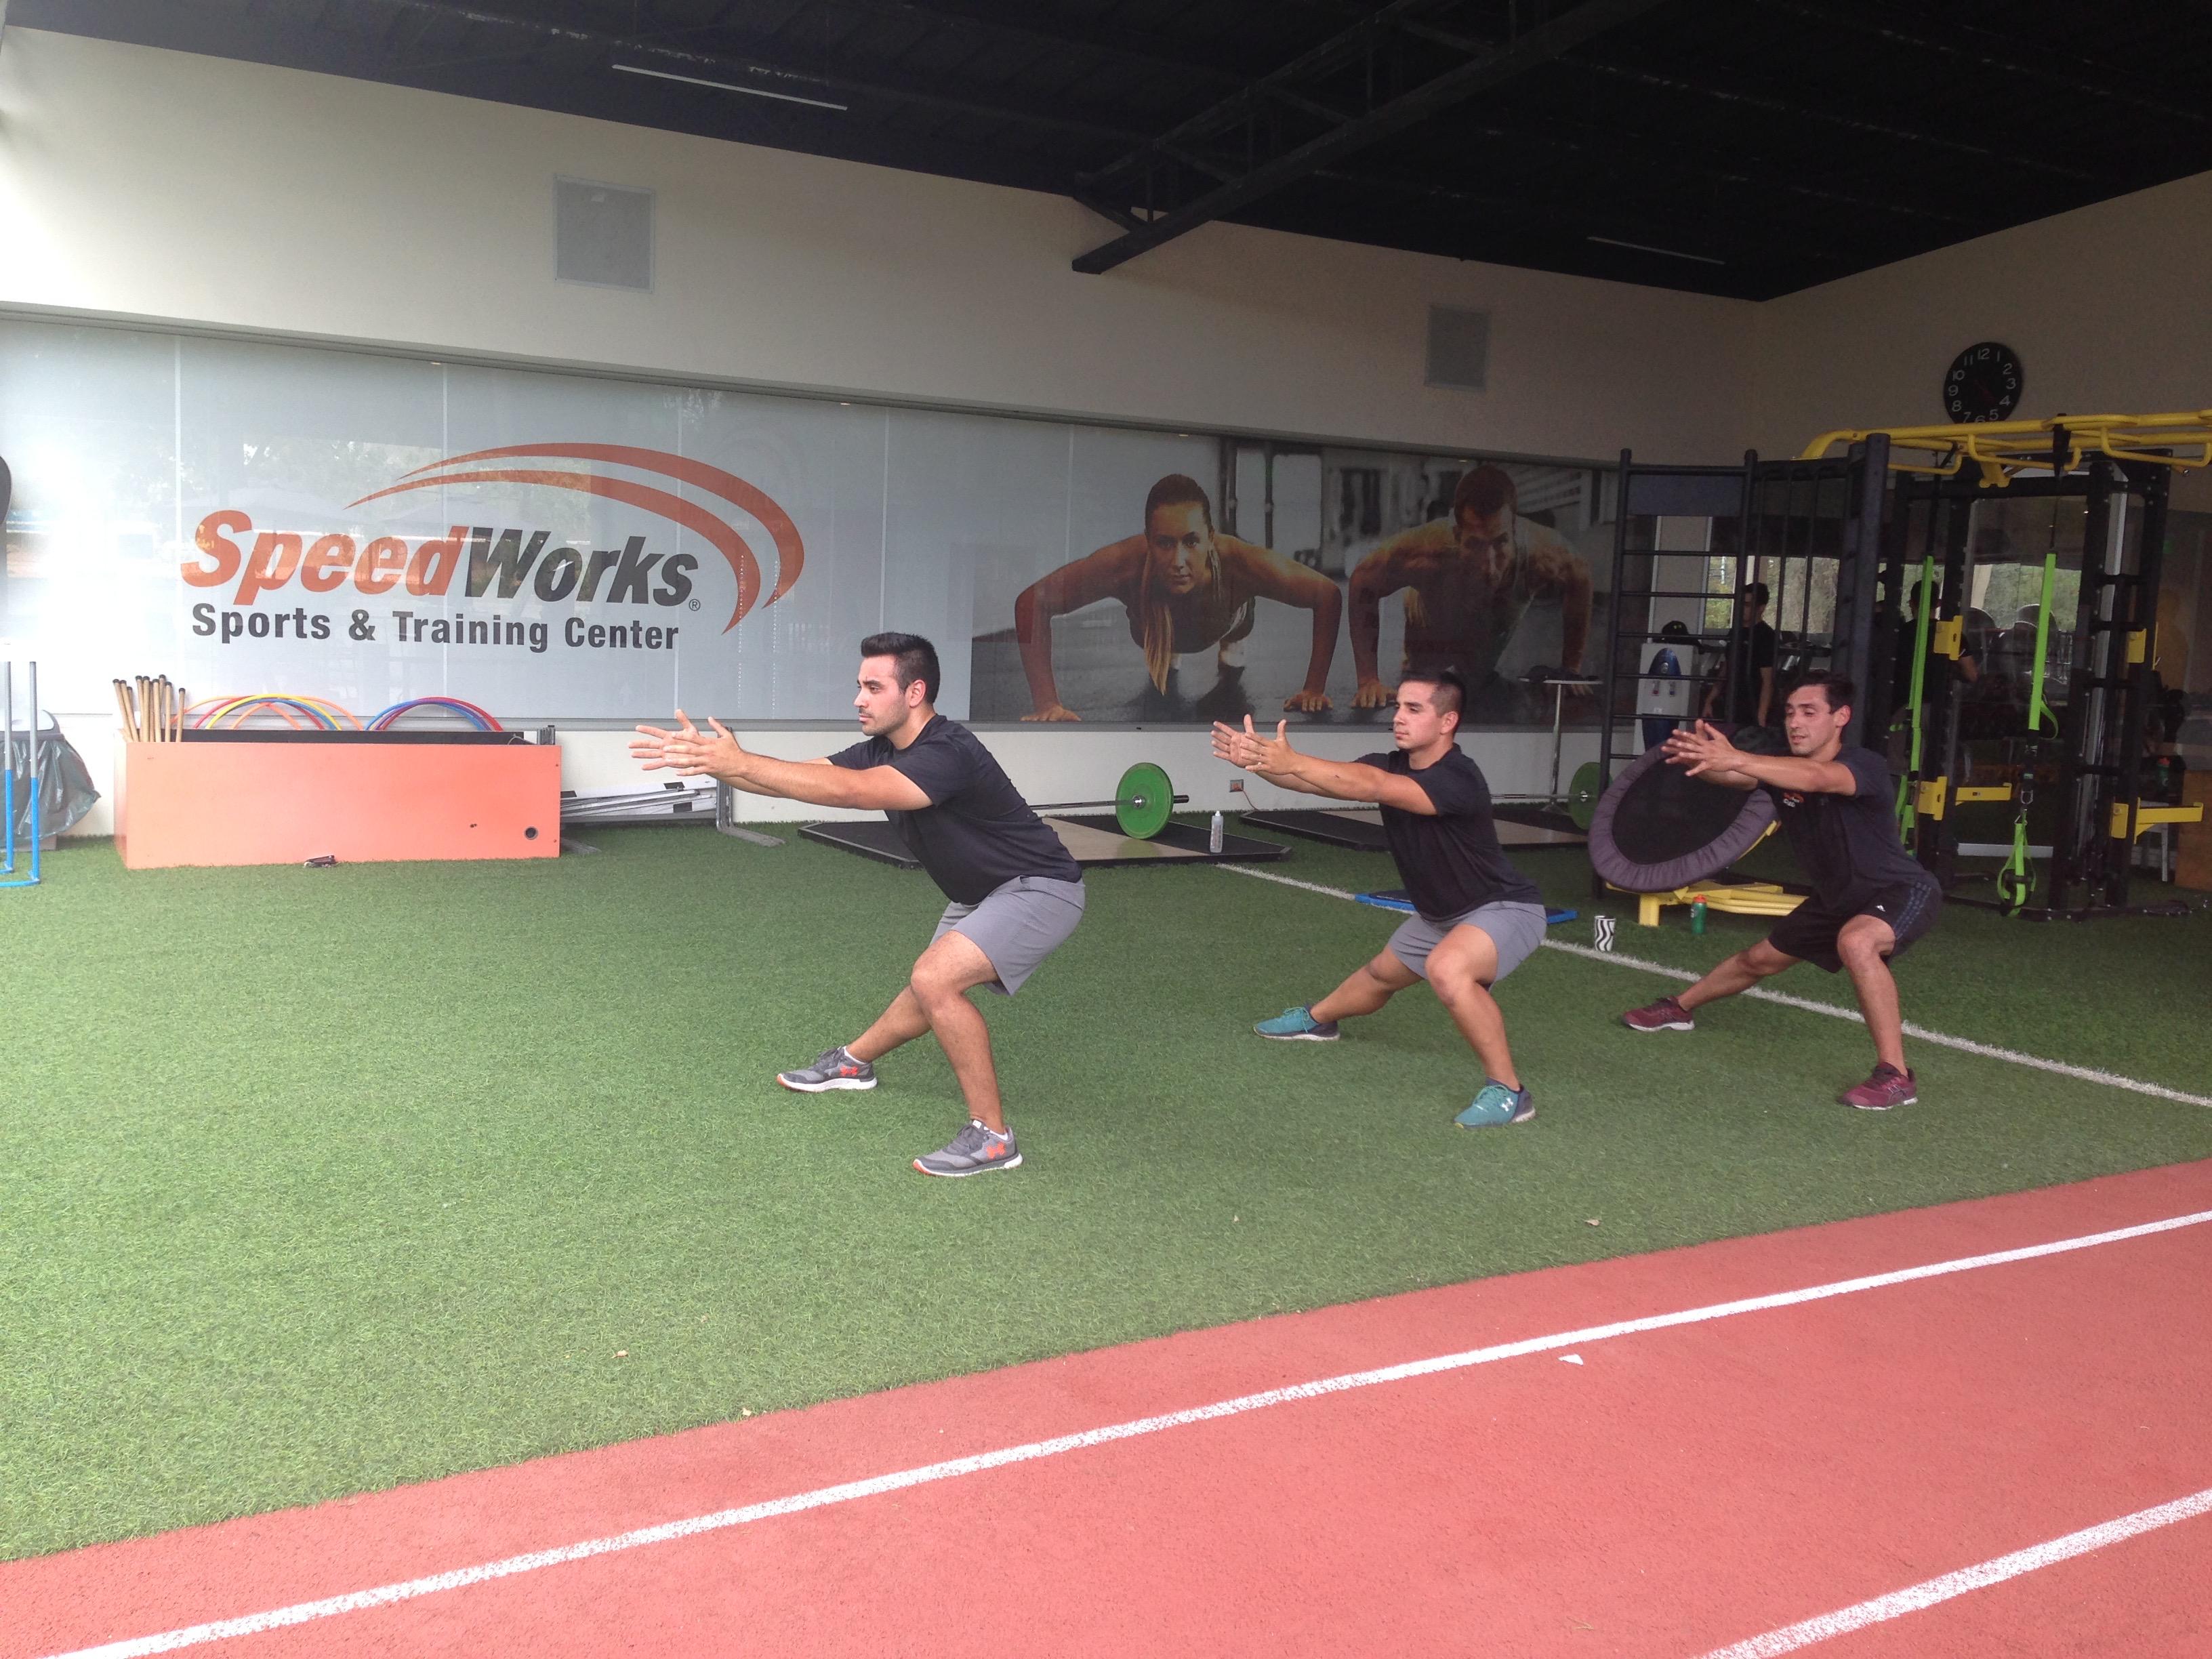 Los cuerpos de verano se hacen en invierno, ¿Cómo motivarse para entrenar con frío?